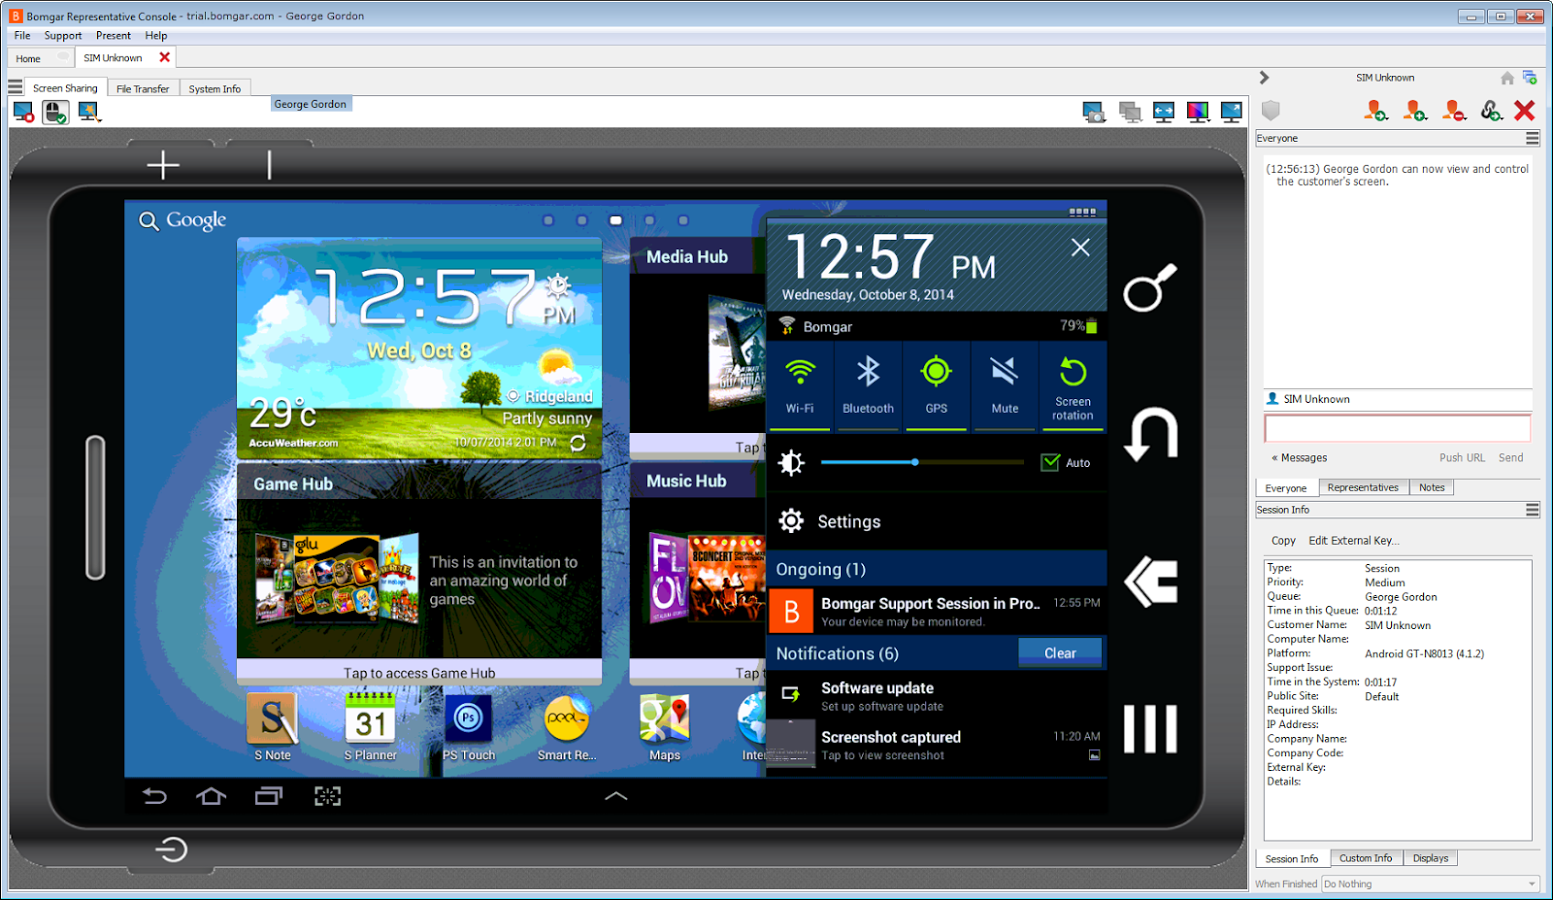 Bomgar - Android app